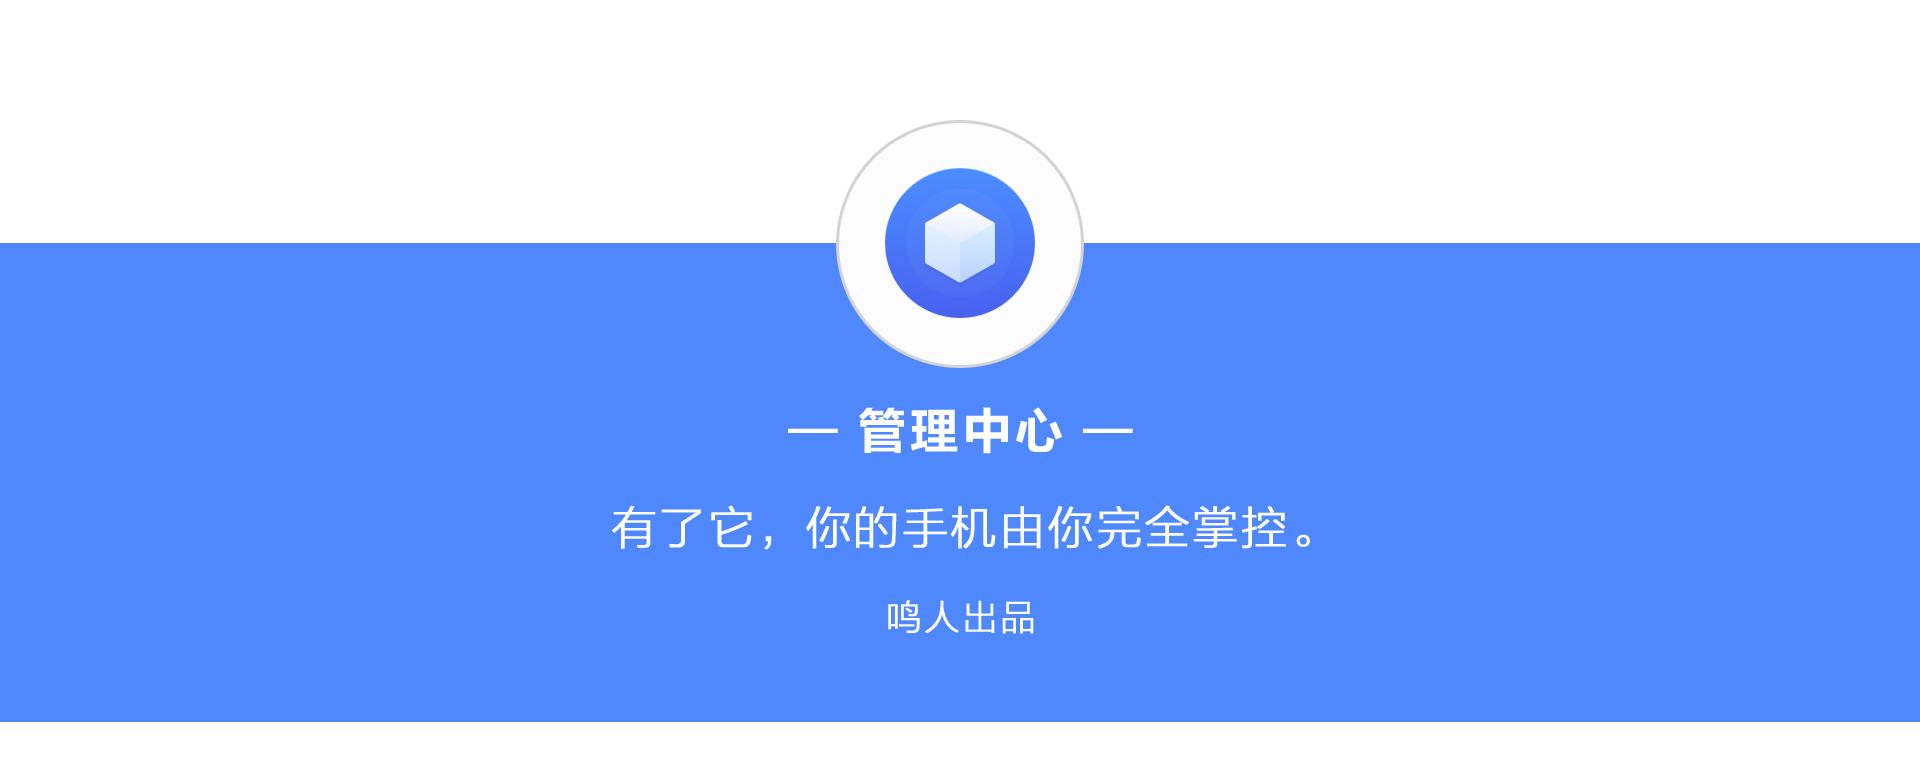 管理中心_01.jpg